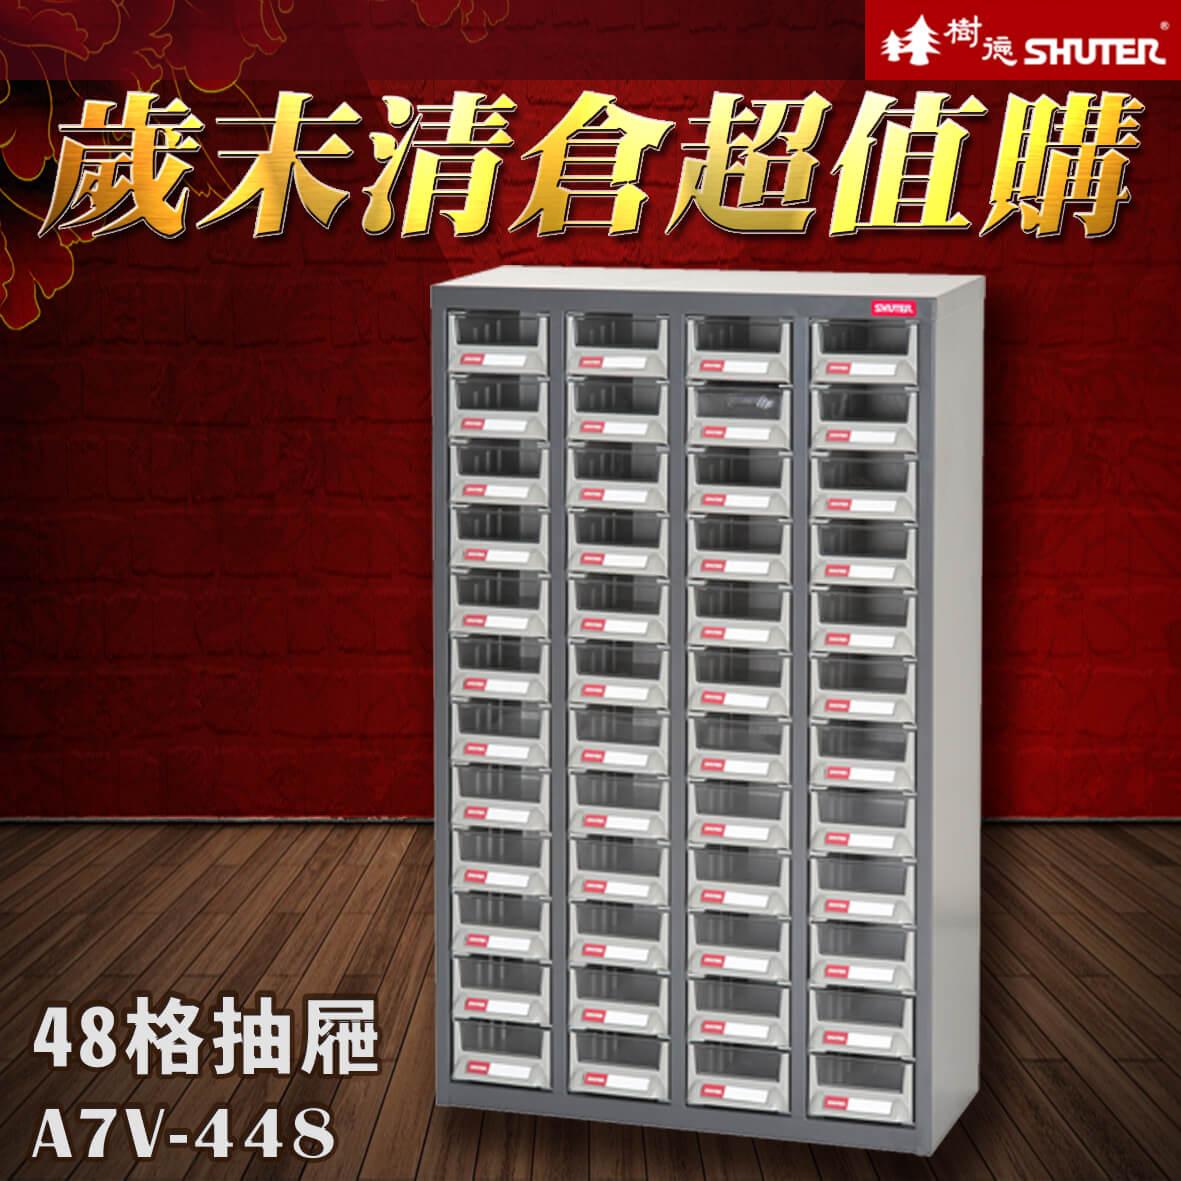 台灣品牌【樹德】 A7V-448 48格抽屜 裝潢 水電 維修 汽車 耗材 電子 3C 包膜 精密 車床 電器